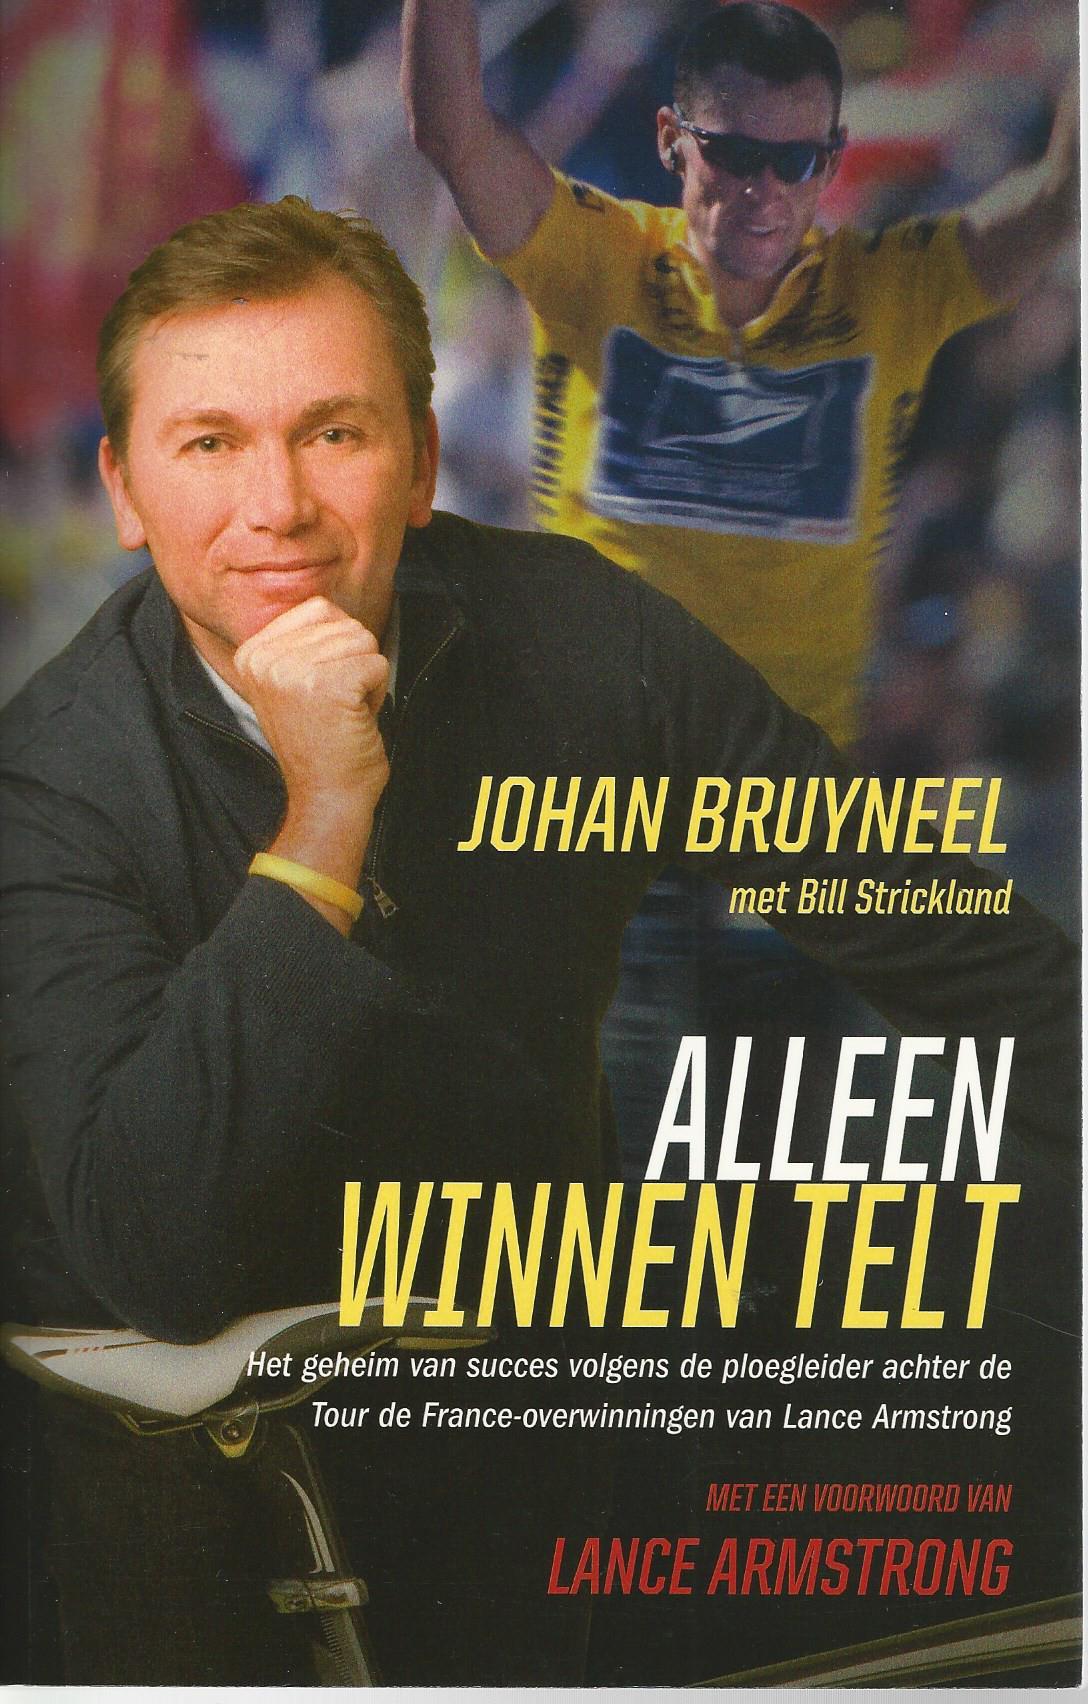 BRUYNEEL, JOHAN EN SRICKLAND, BILL - Alleen Winnen Telt -Het geheim van succes volgens de ploeglieder achter de Tour de France-overwinningen van Lance Armstrong